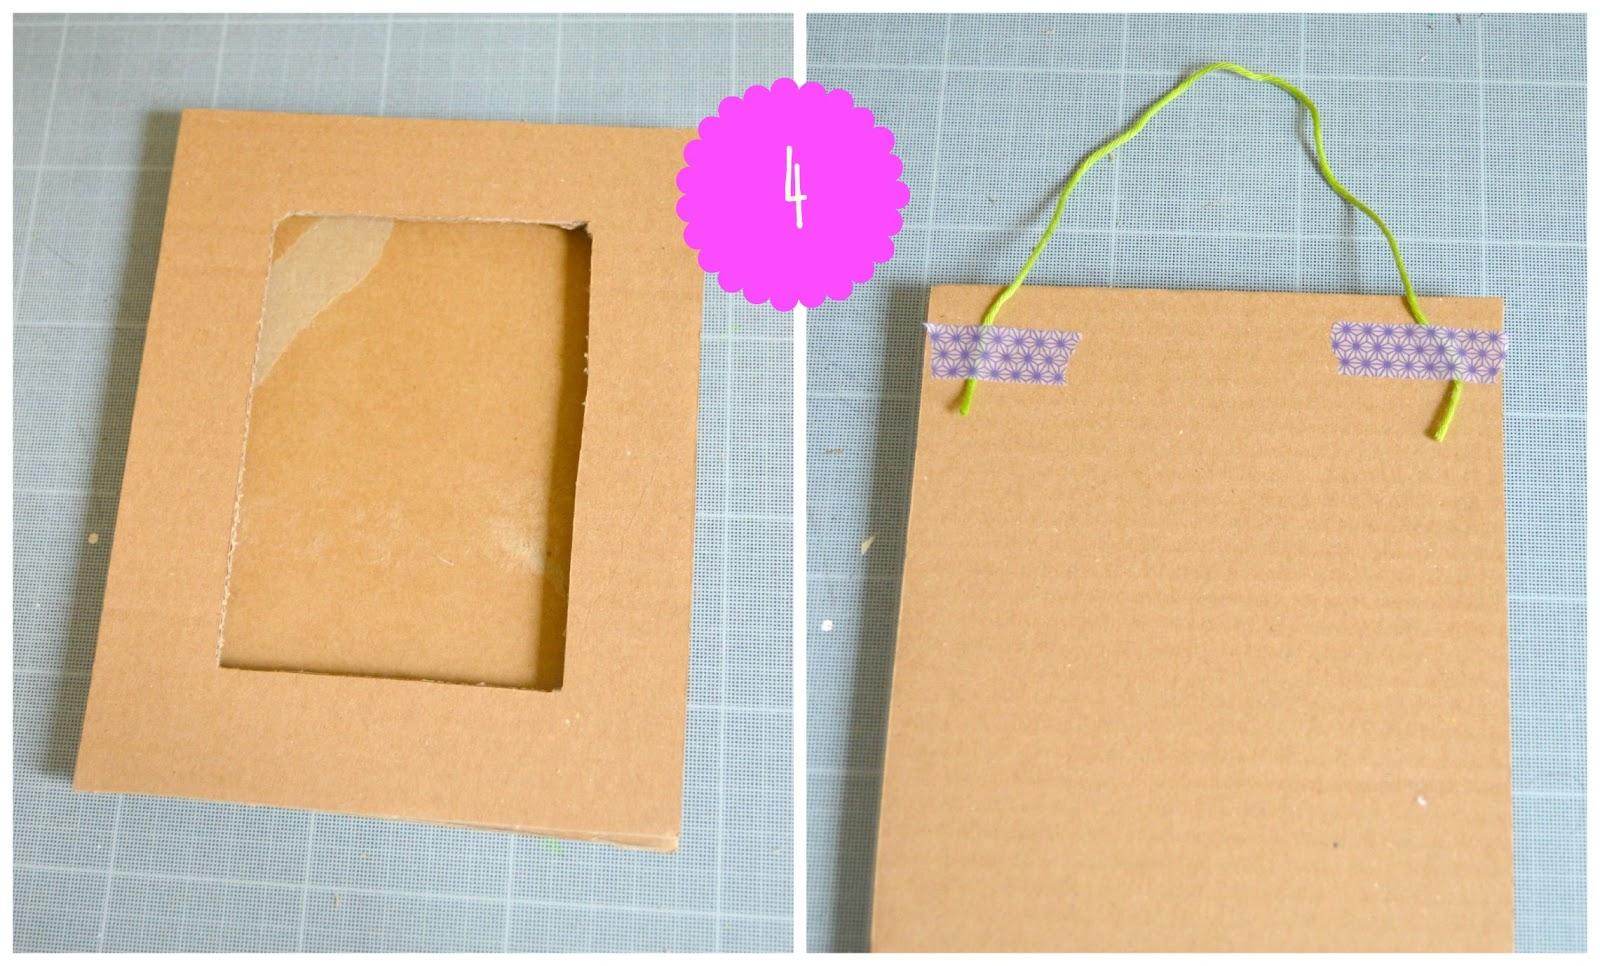 abbastanza Idee per la festa della mamma: la cornice di cartone riciclato DS37